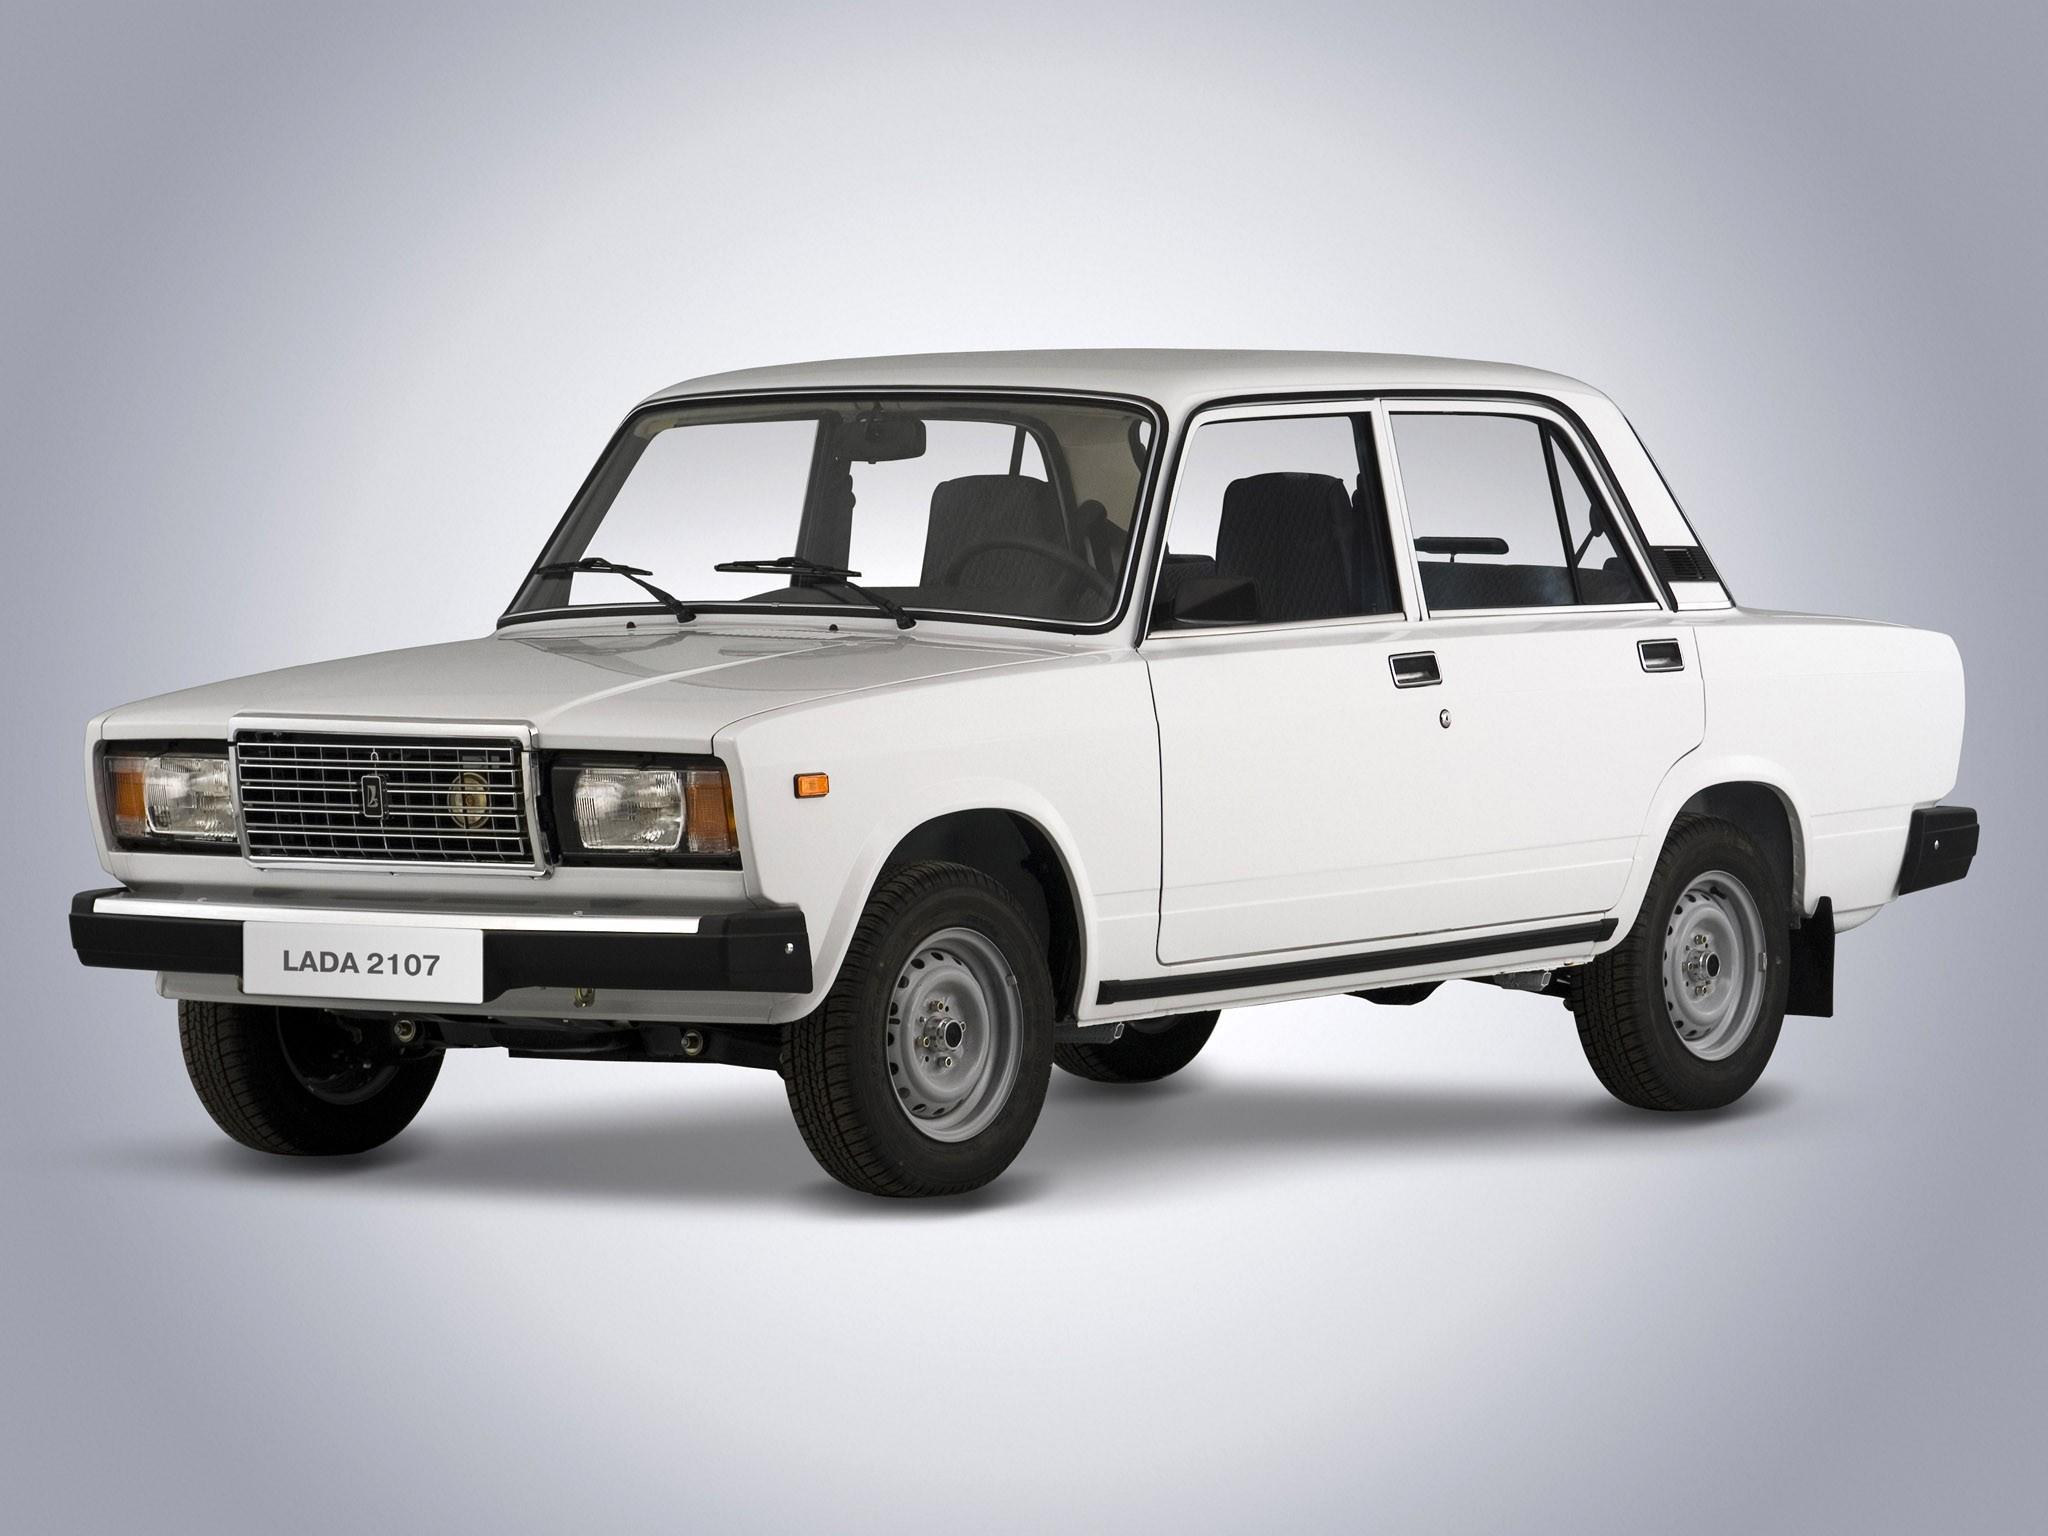 1992 Lada 2107